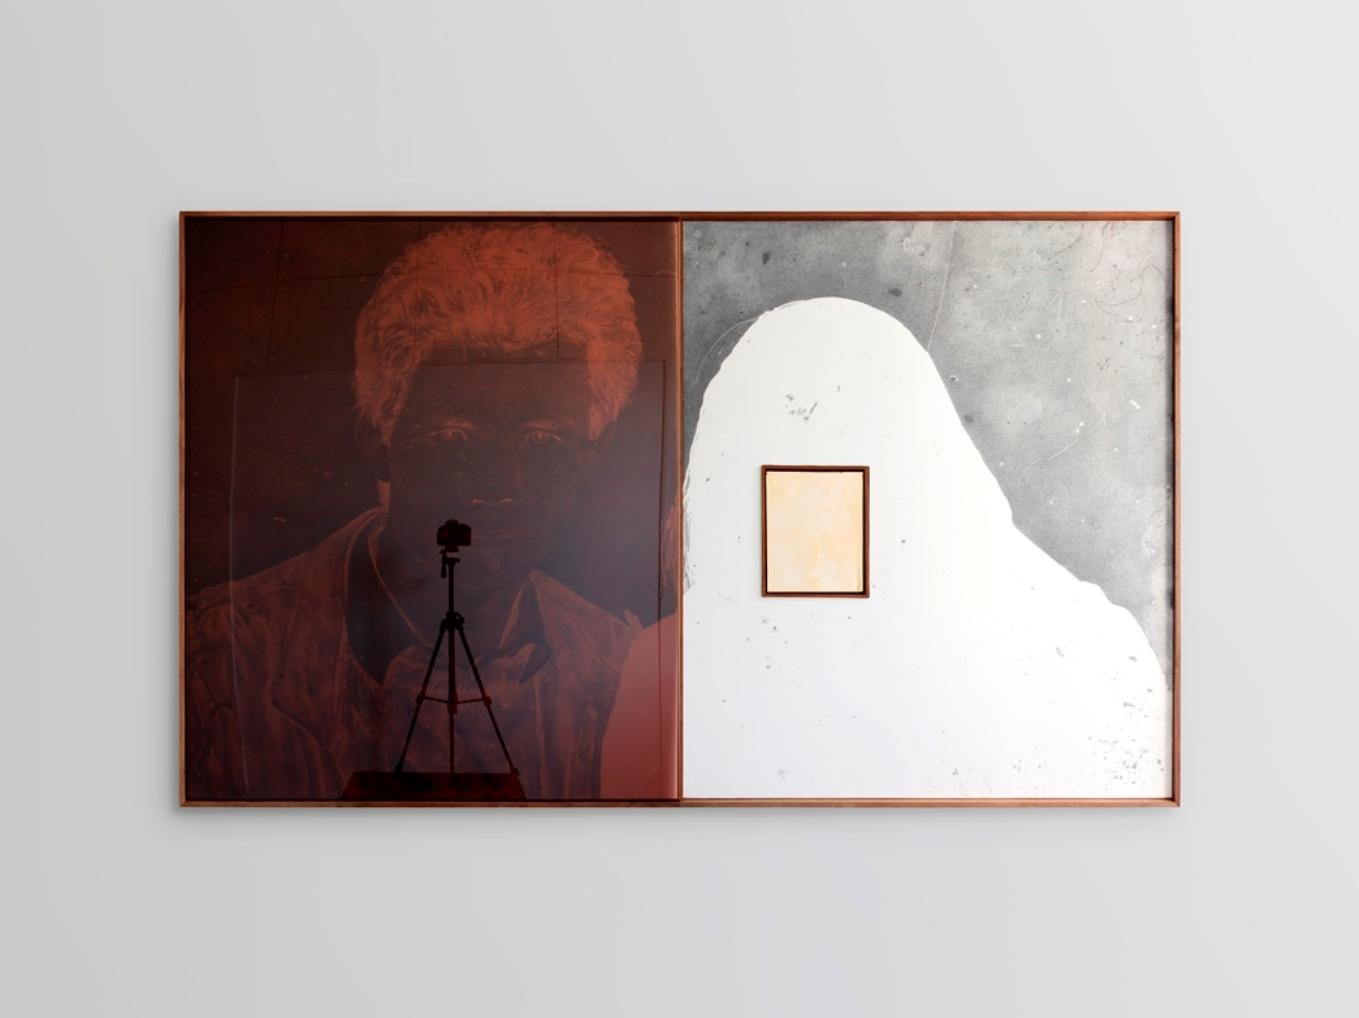 '1987 12 22(2020) 石墨紙本、木框裝裱、塑膠片、石膏 207 cm x 124 cm 鄧廣燊(主辦方供圖)